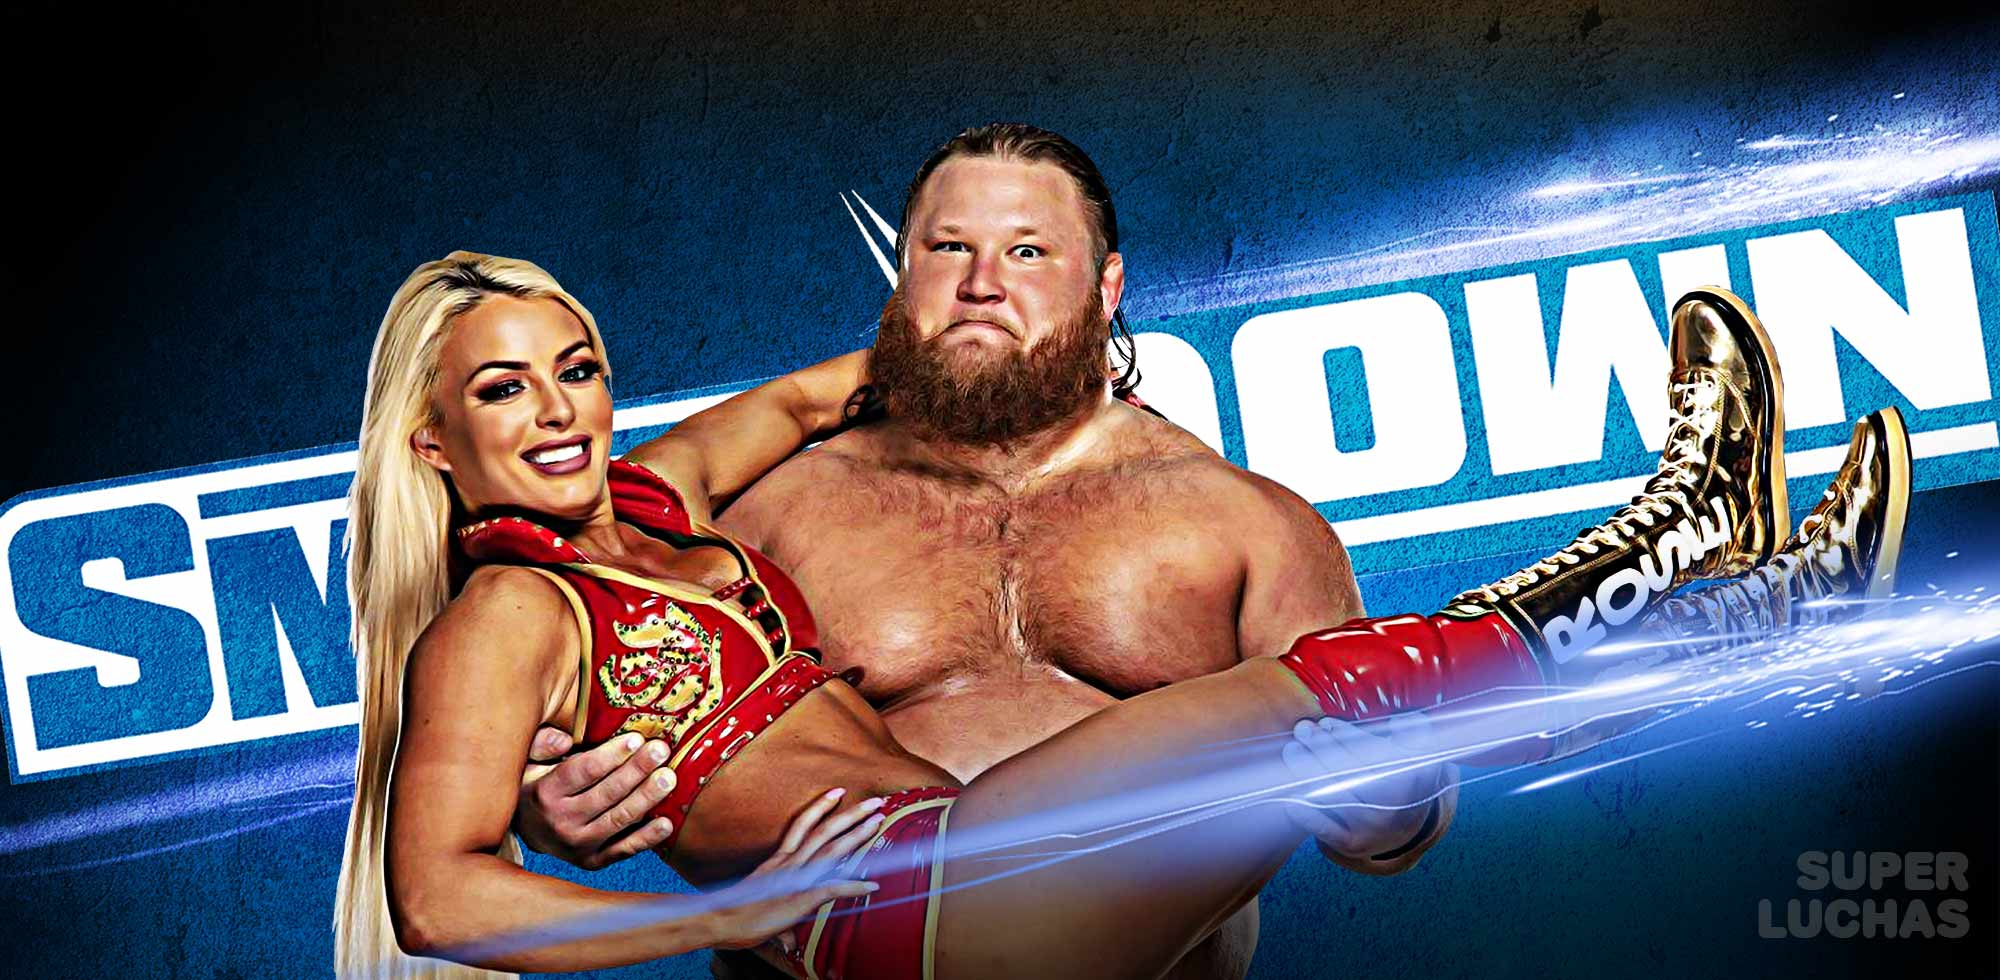 WWE SMACKDOWN (1 de mayo 2020) | Resultados en vivo | Otis y Mandy rumbo a Money in the Bank 1